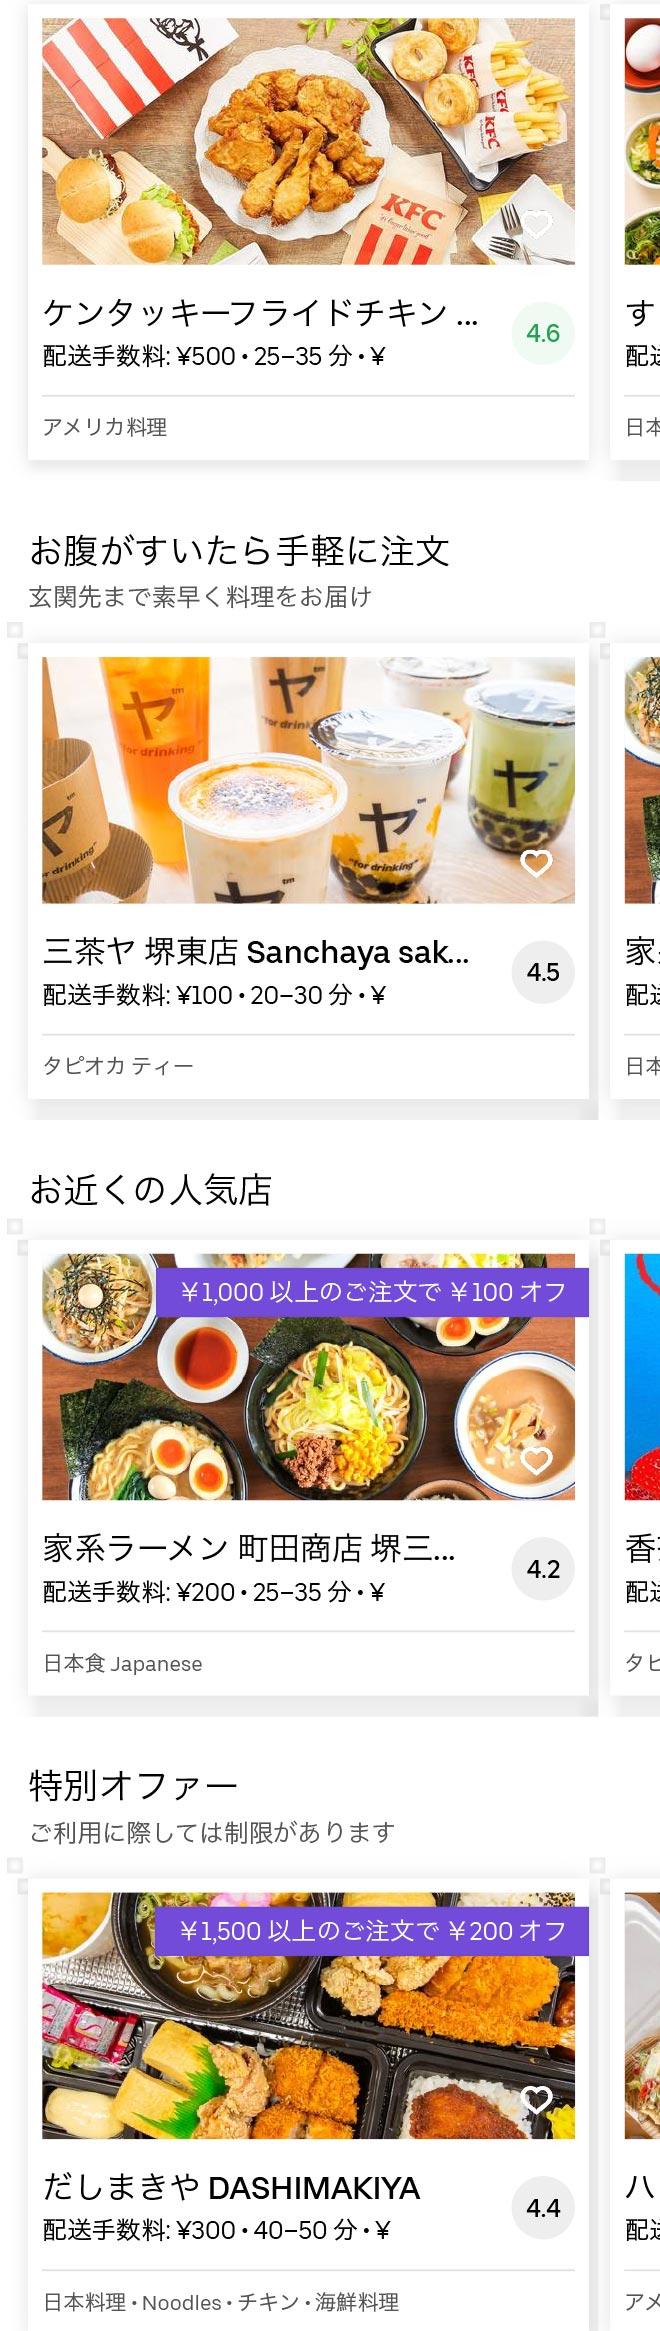 Sakai sakai higashi menu 2005 01